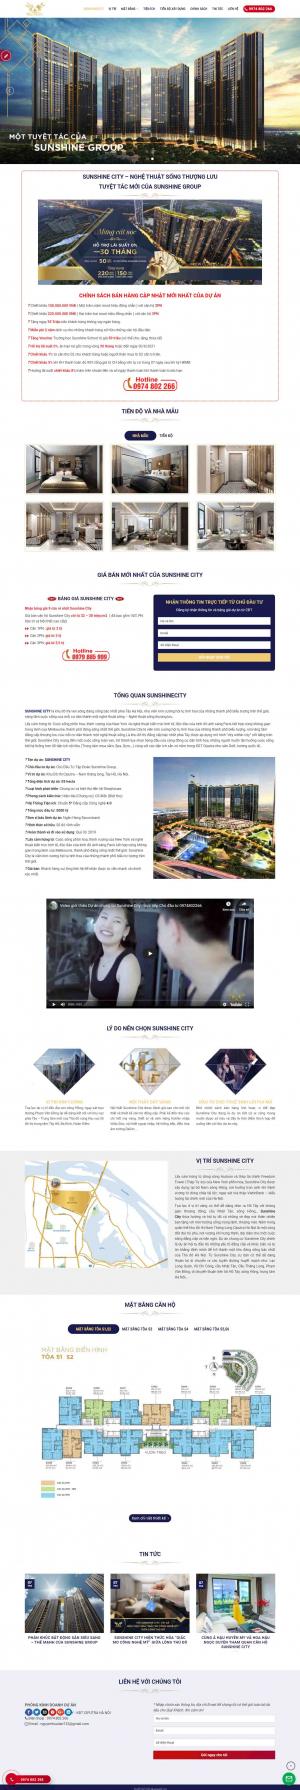 Mẫu giao diện thiết kế web bất động sản chuyên nghiệp